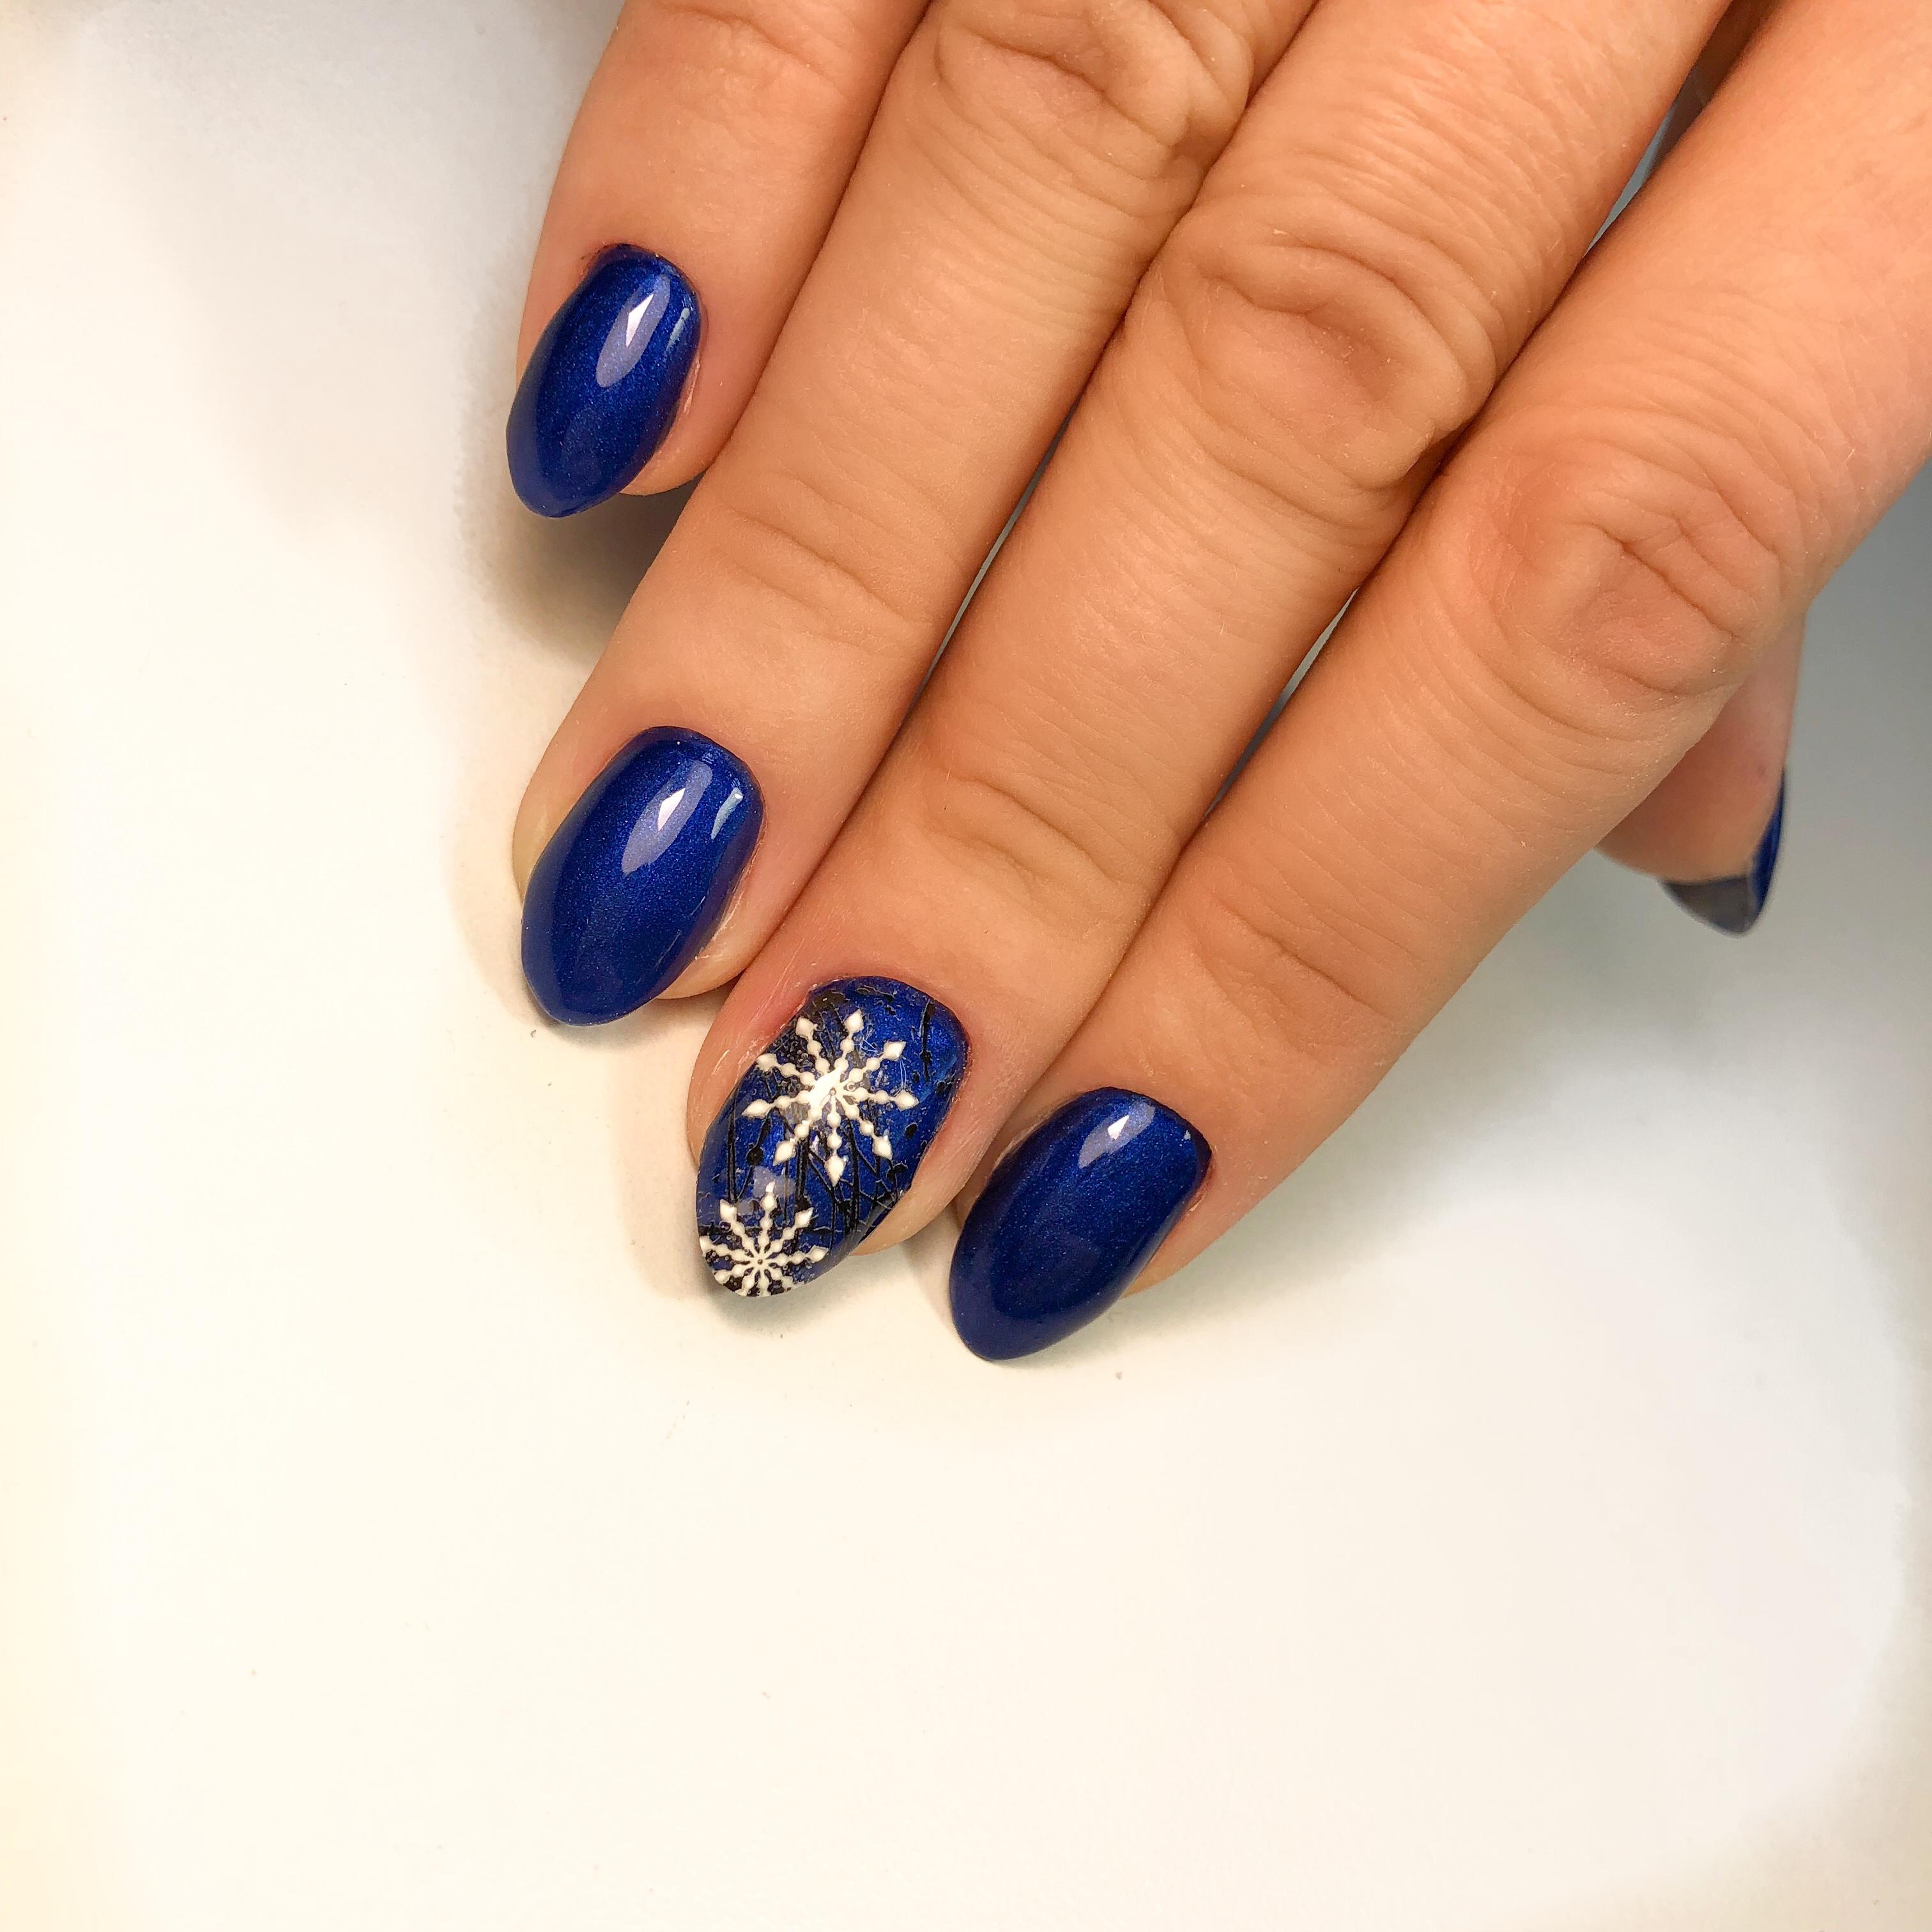 """Новогодний глянцевый маникюр в тёмно-синем цвете со слайдером """"снежинка""""."""